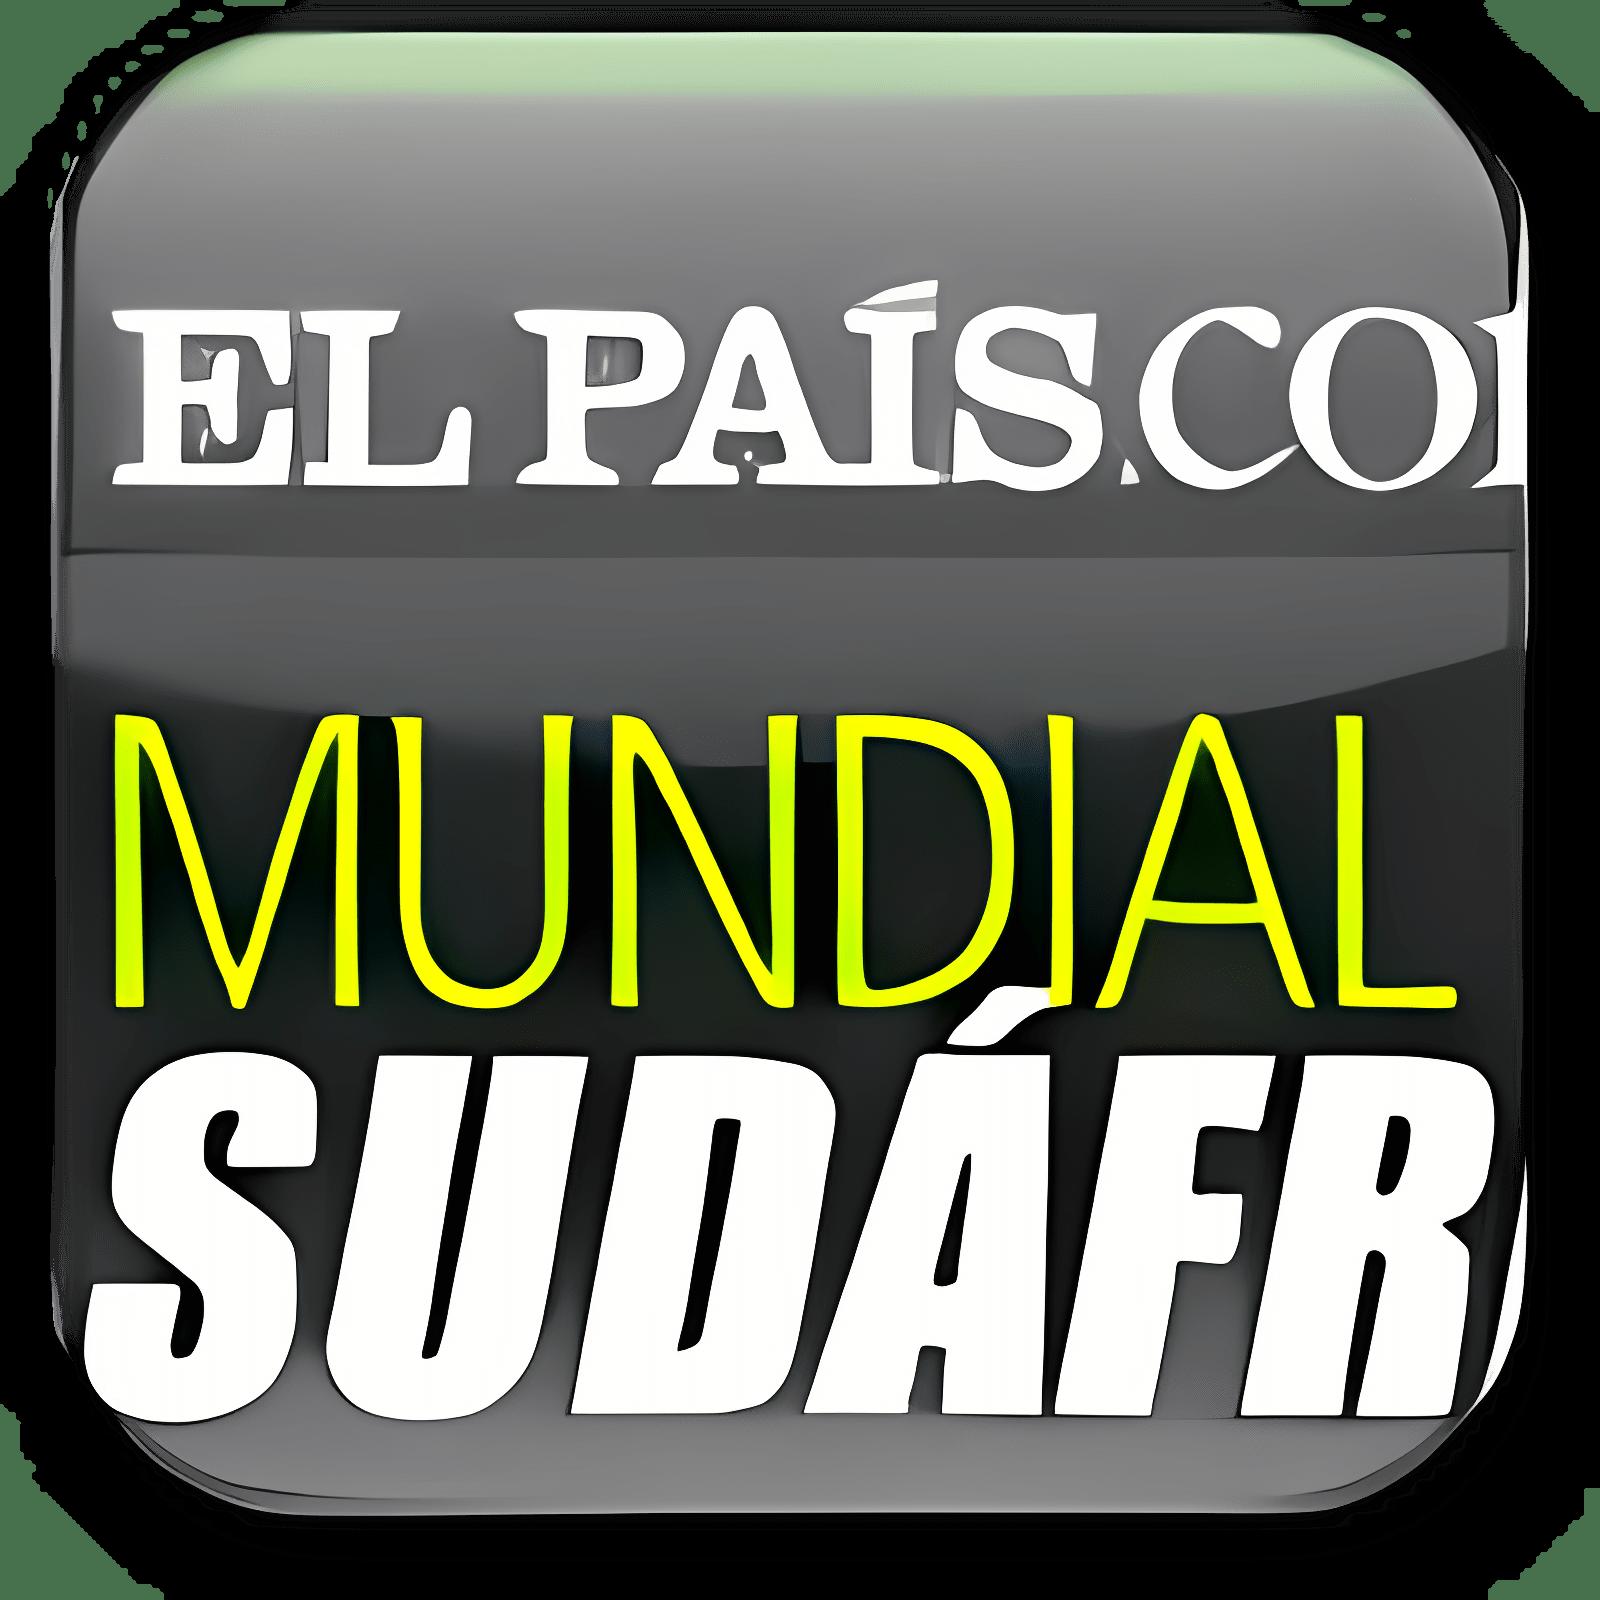 El País.com Gadget Mundial 2010